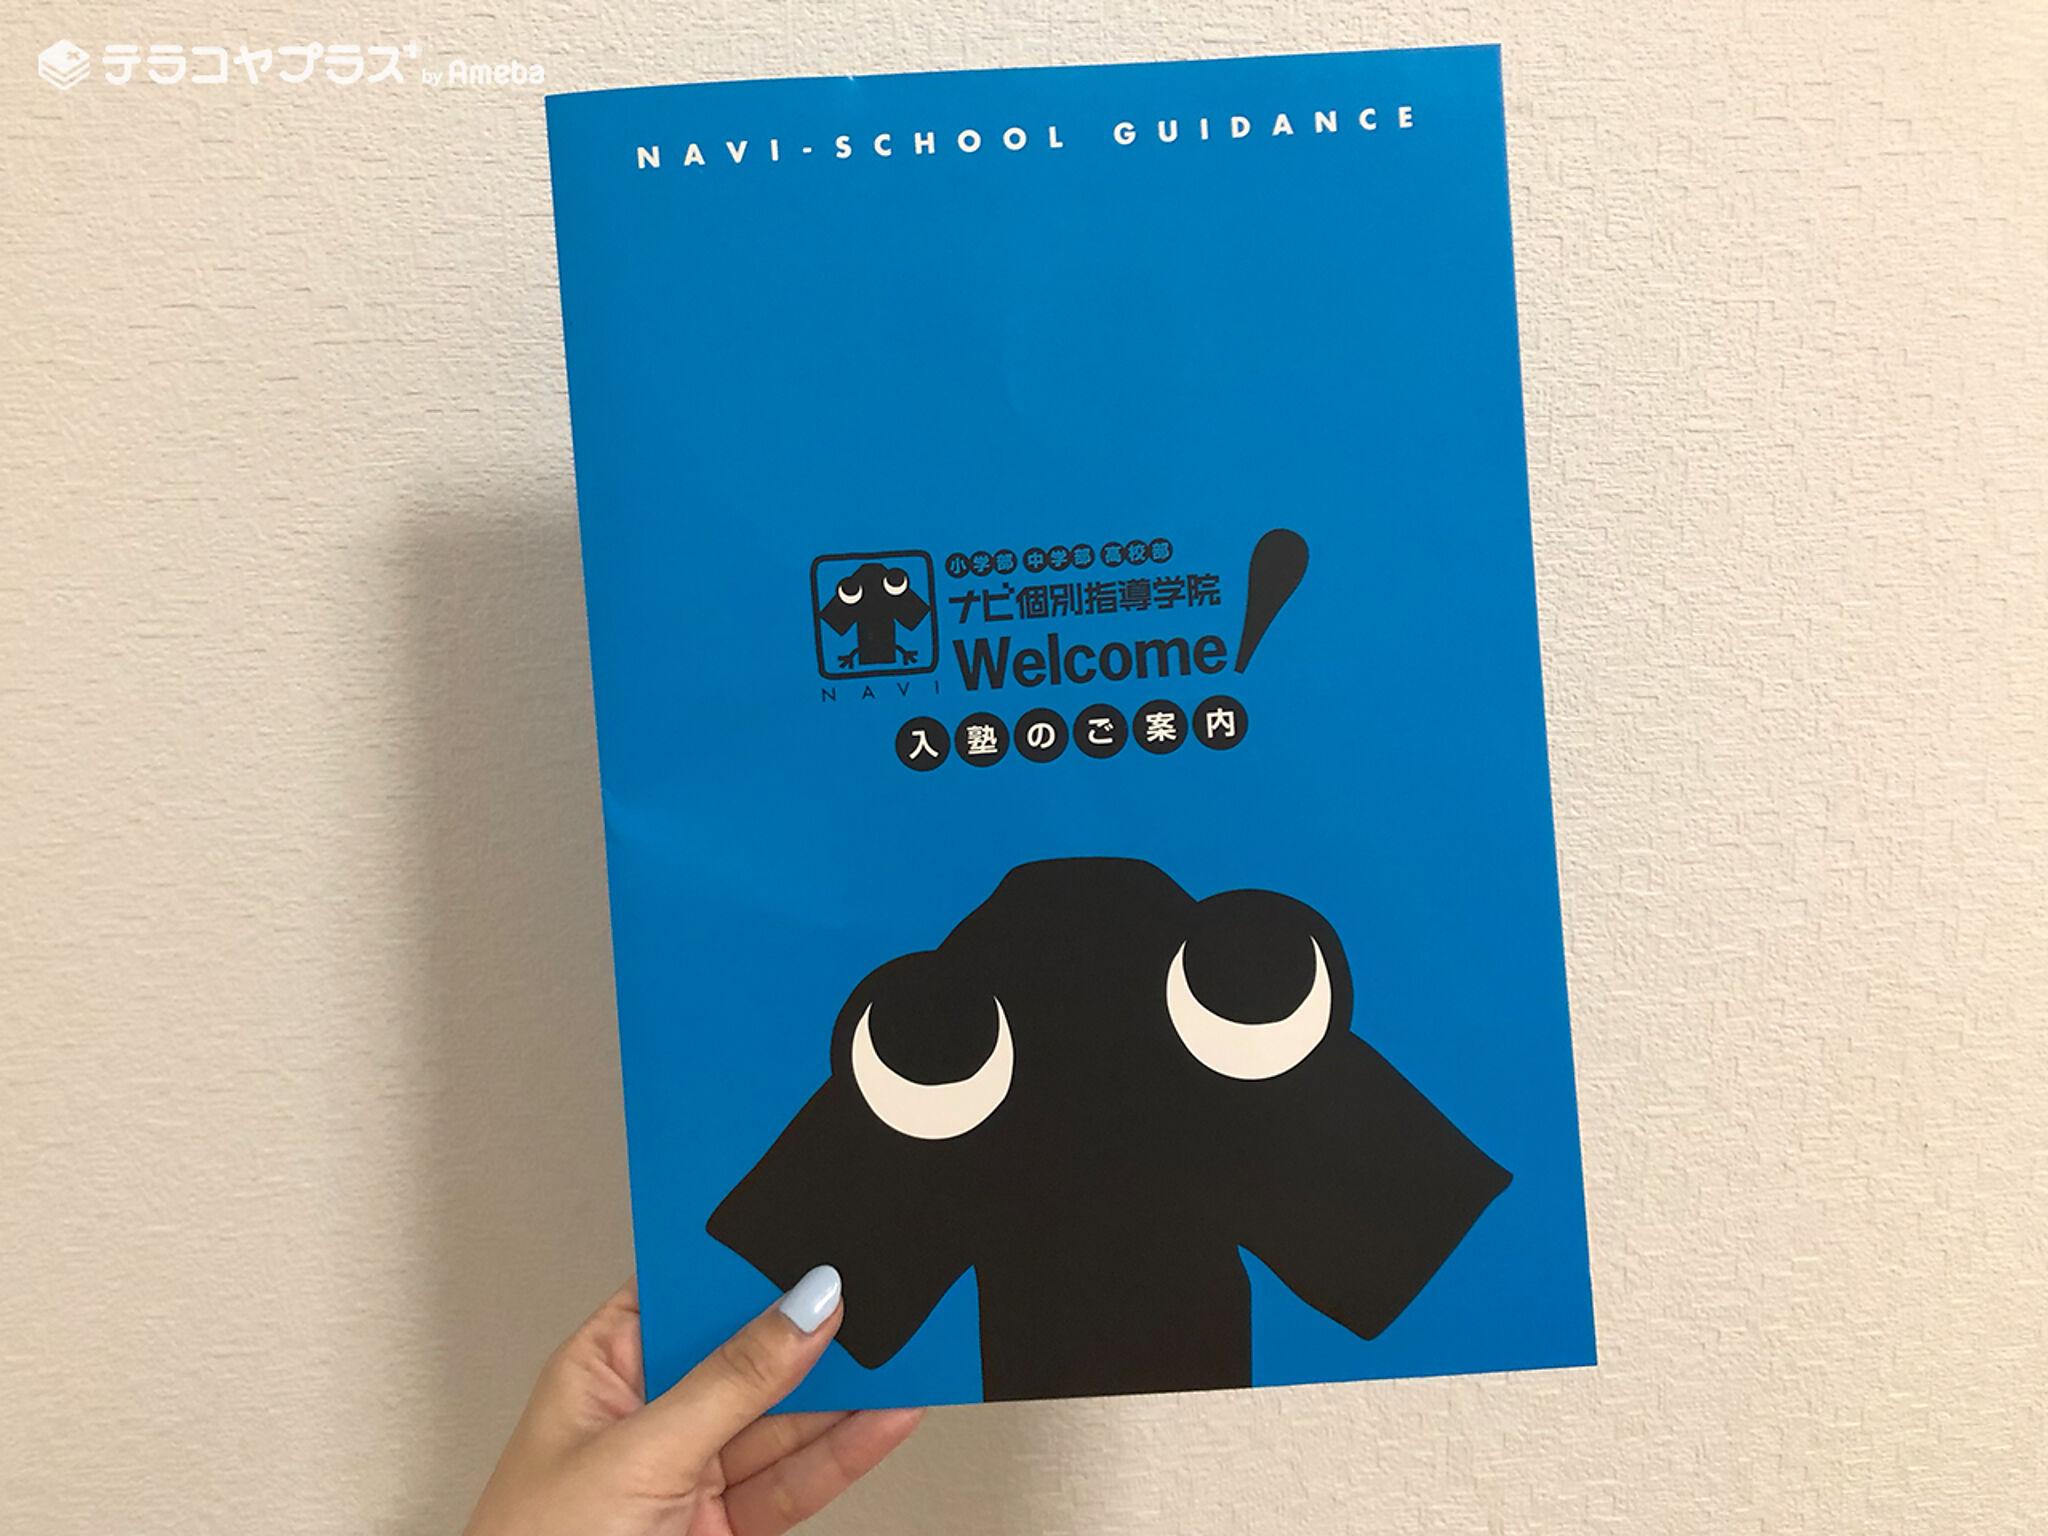 ナビ個別指導学院のパンフレット資料の画像